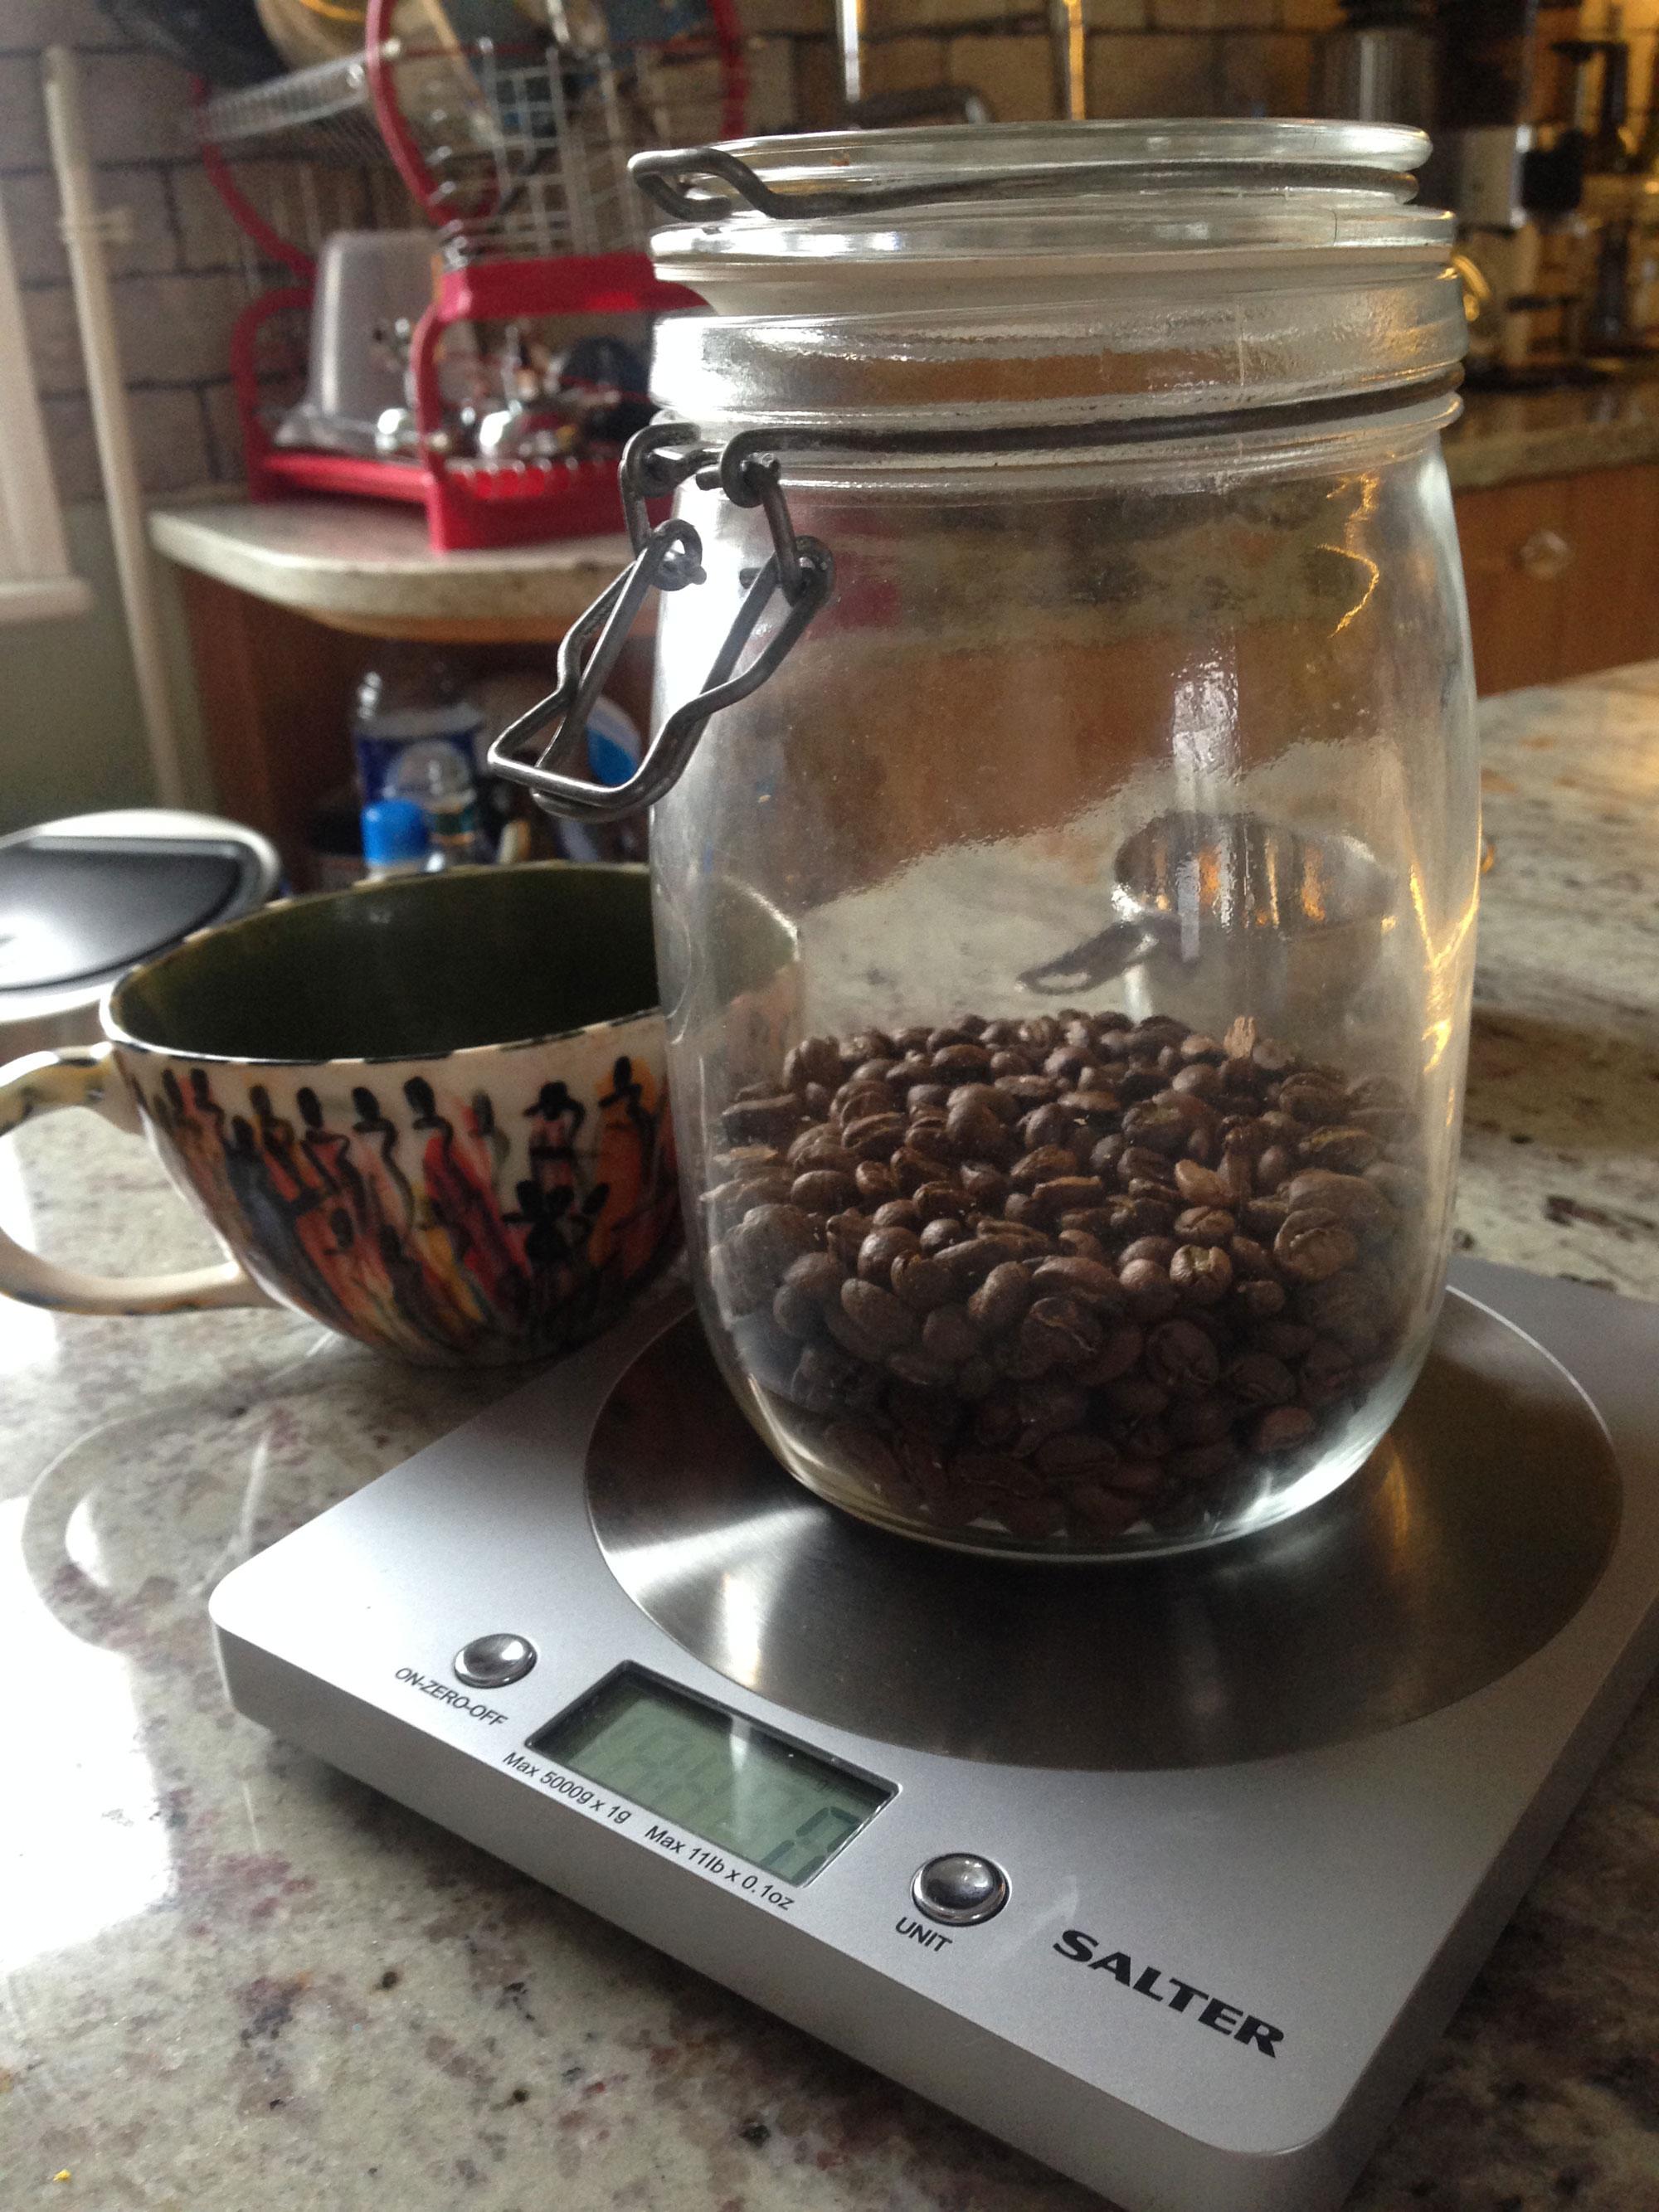 A fresh roast in an airtight jar